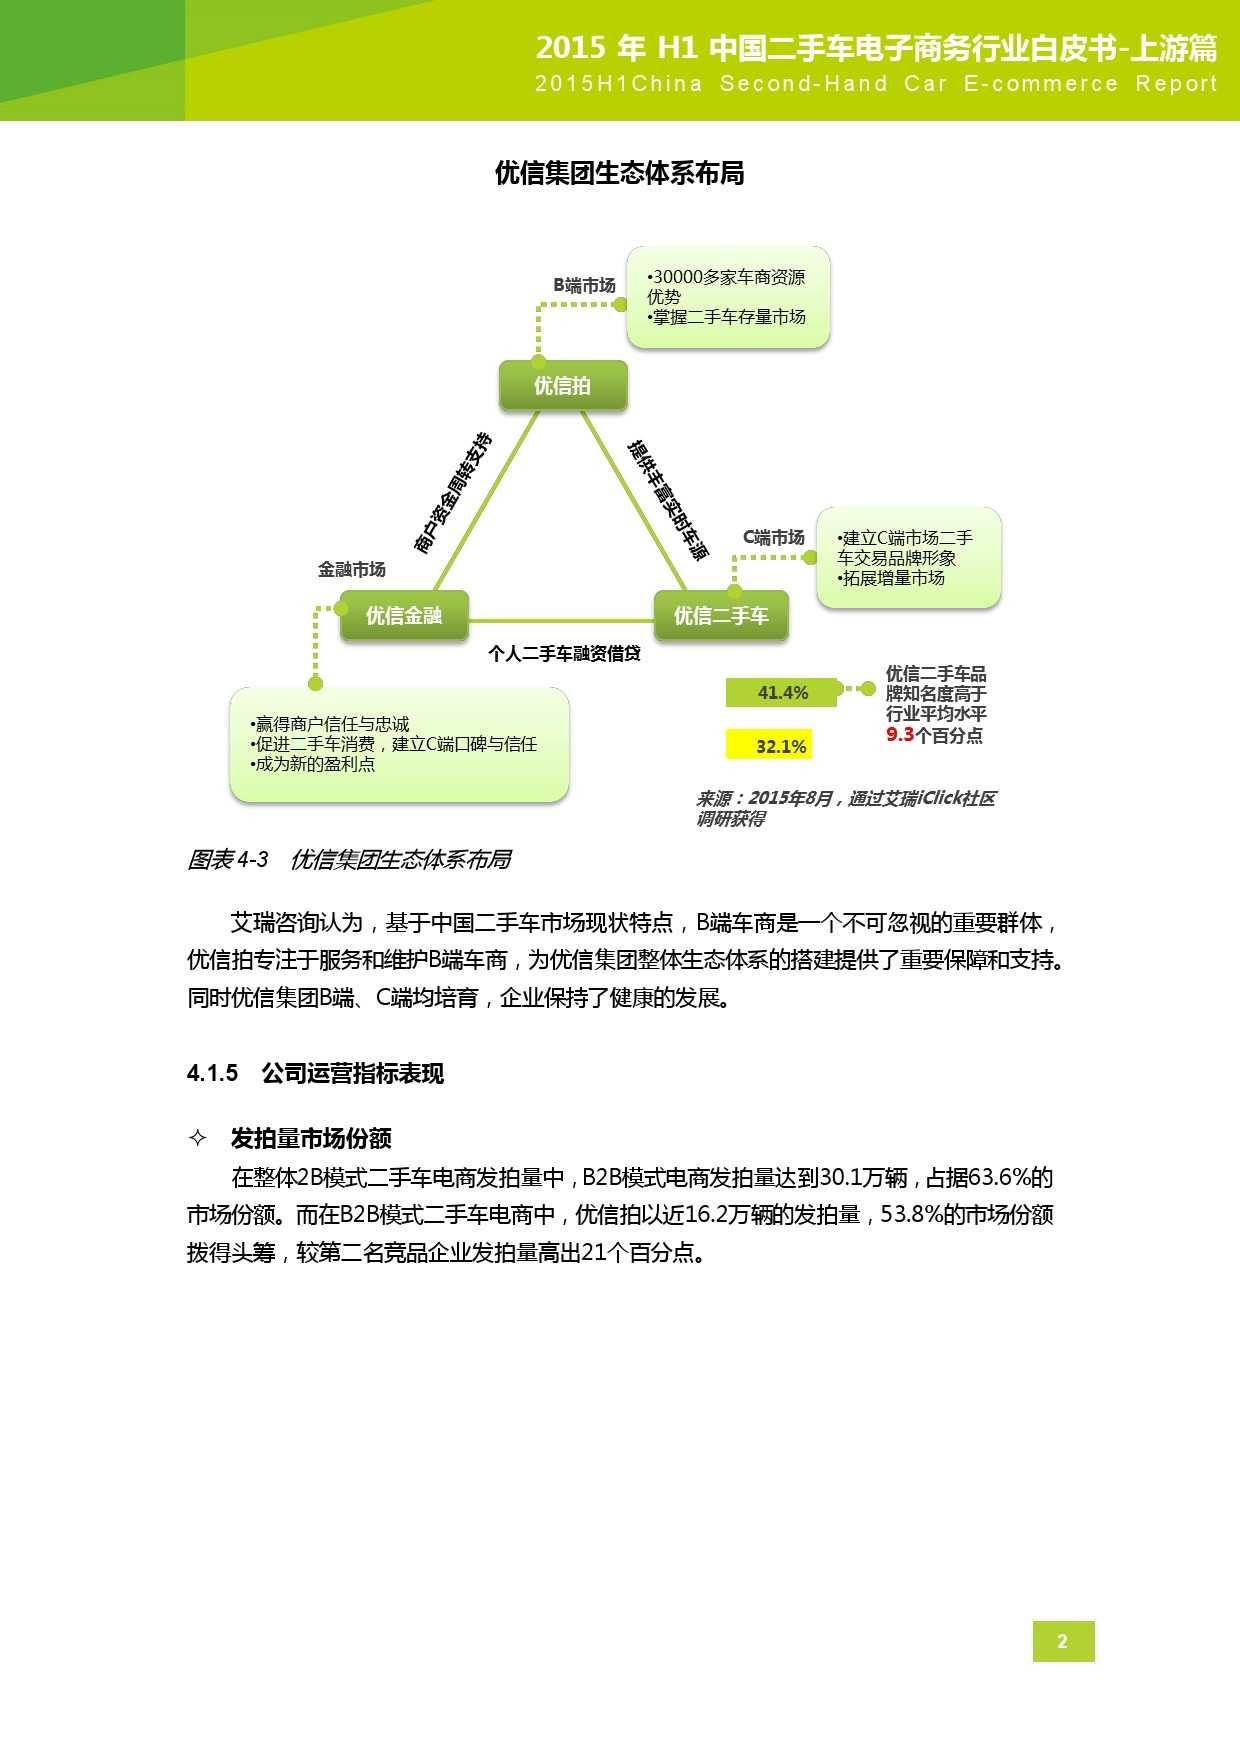 2015年中国二手车电子商务行业白皮书-上游篇_000040